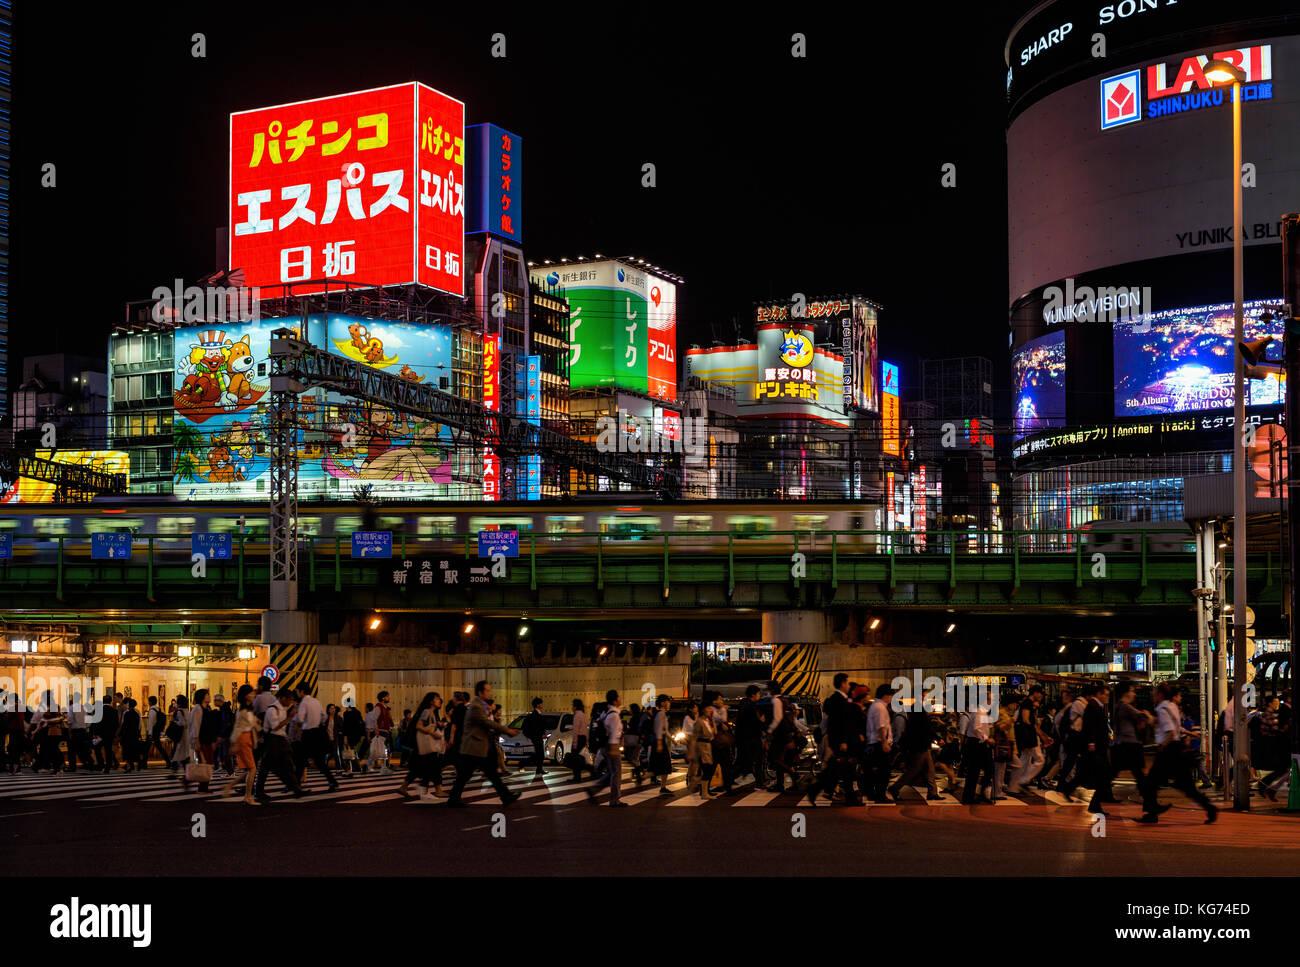 Nachtleben in Tokio. die Menschen einer sehr befahrenen Kreuzung unter Shinjuku district leuchten Kreuz Stockbild